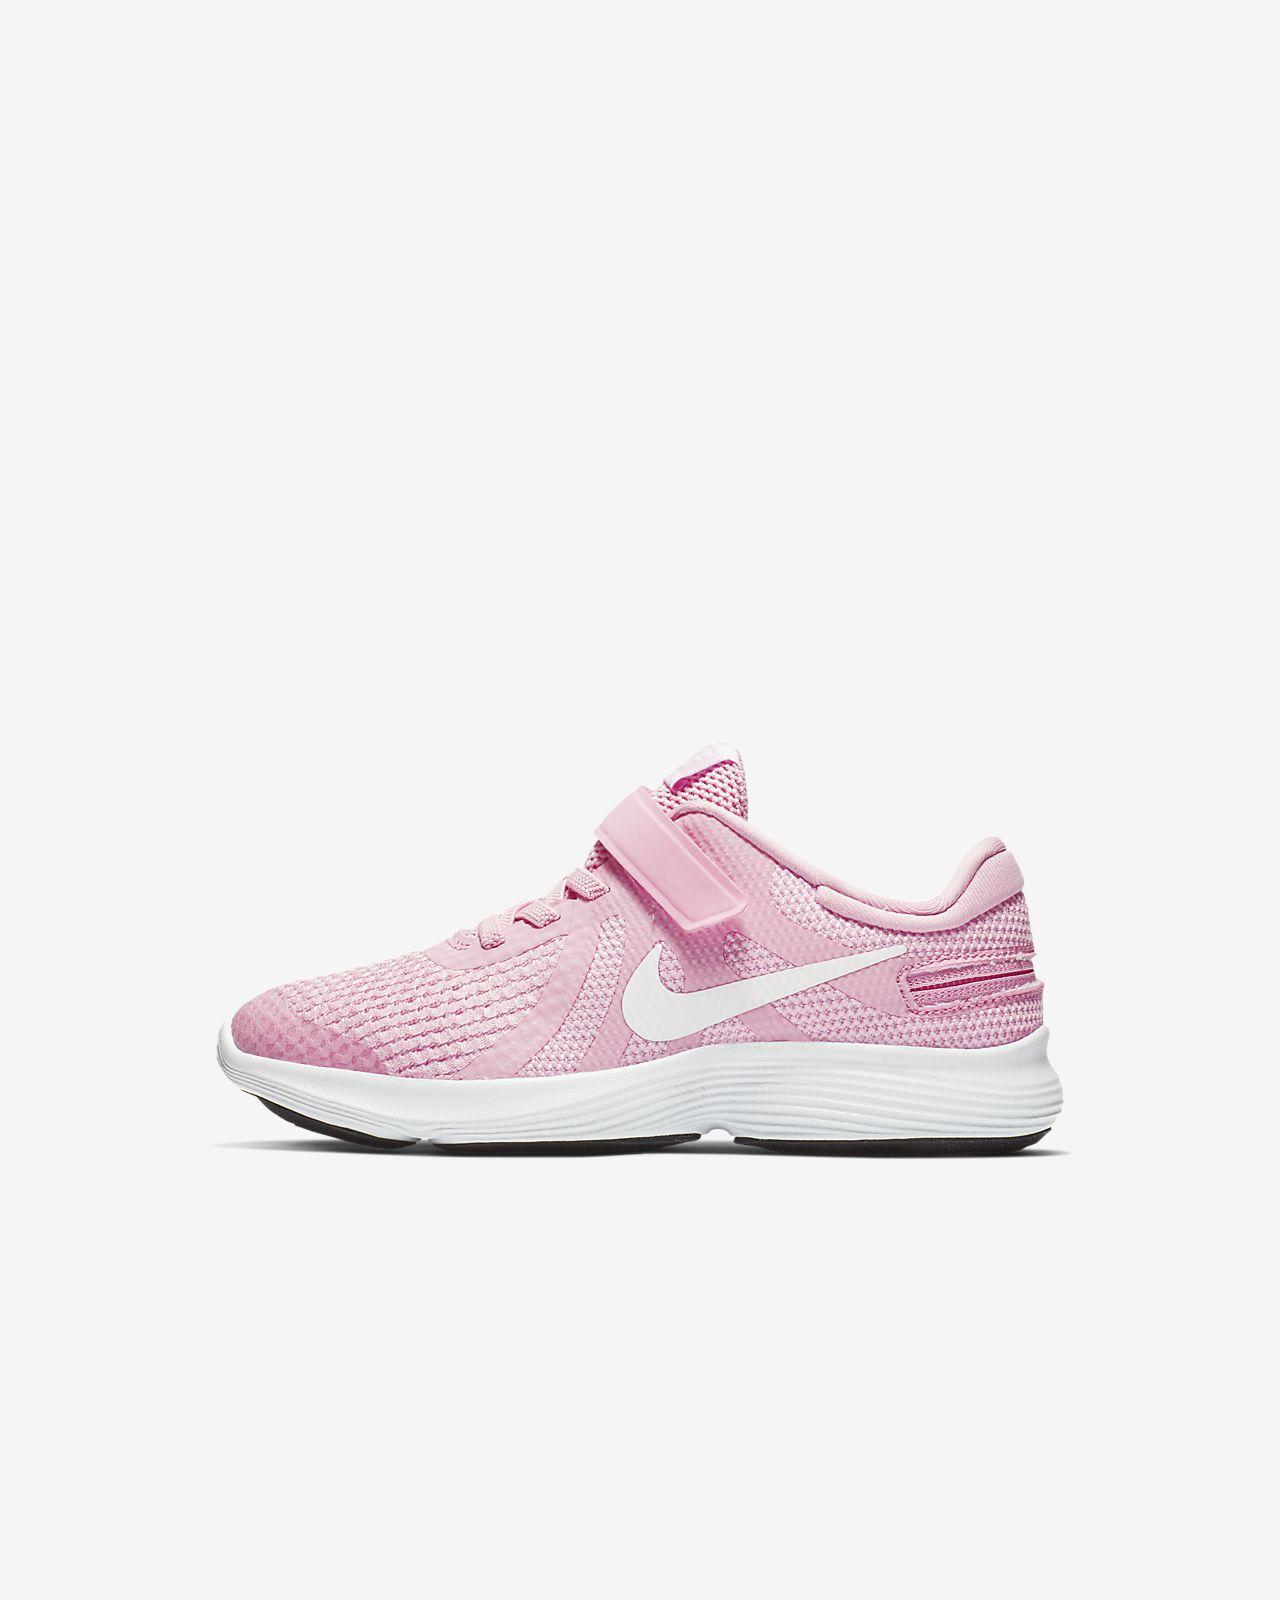 Calzado para niños talla pequeña Nike Revolution 4 FlyEase